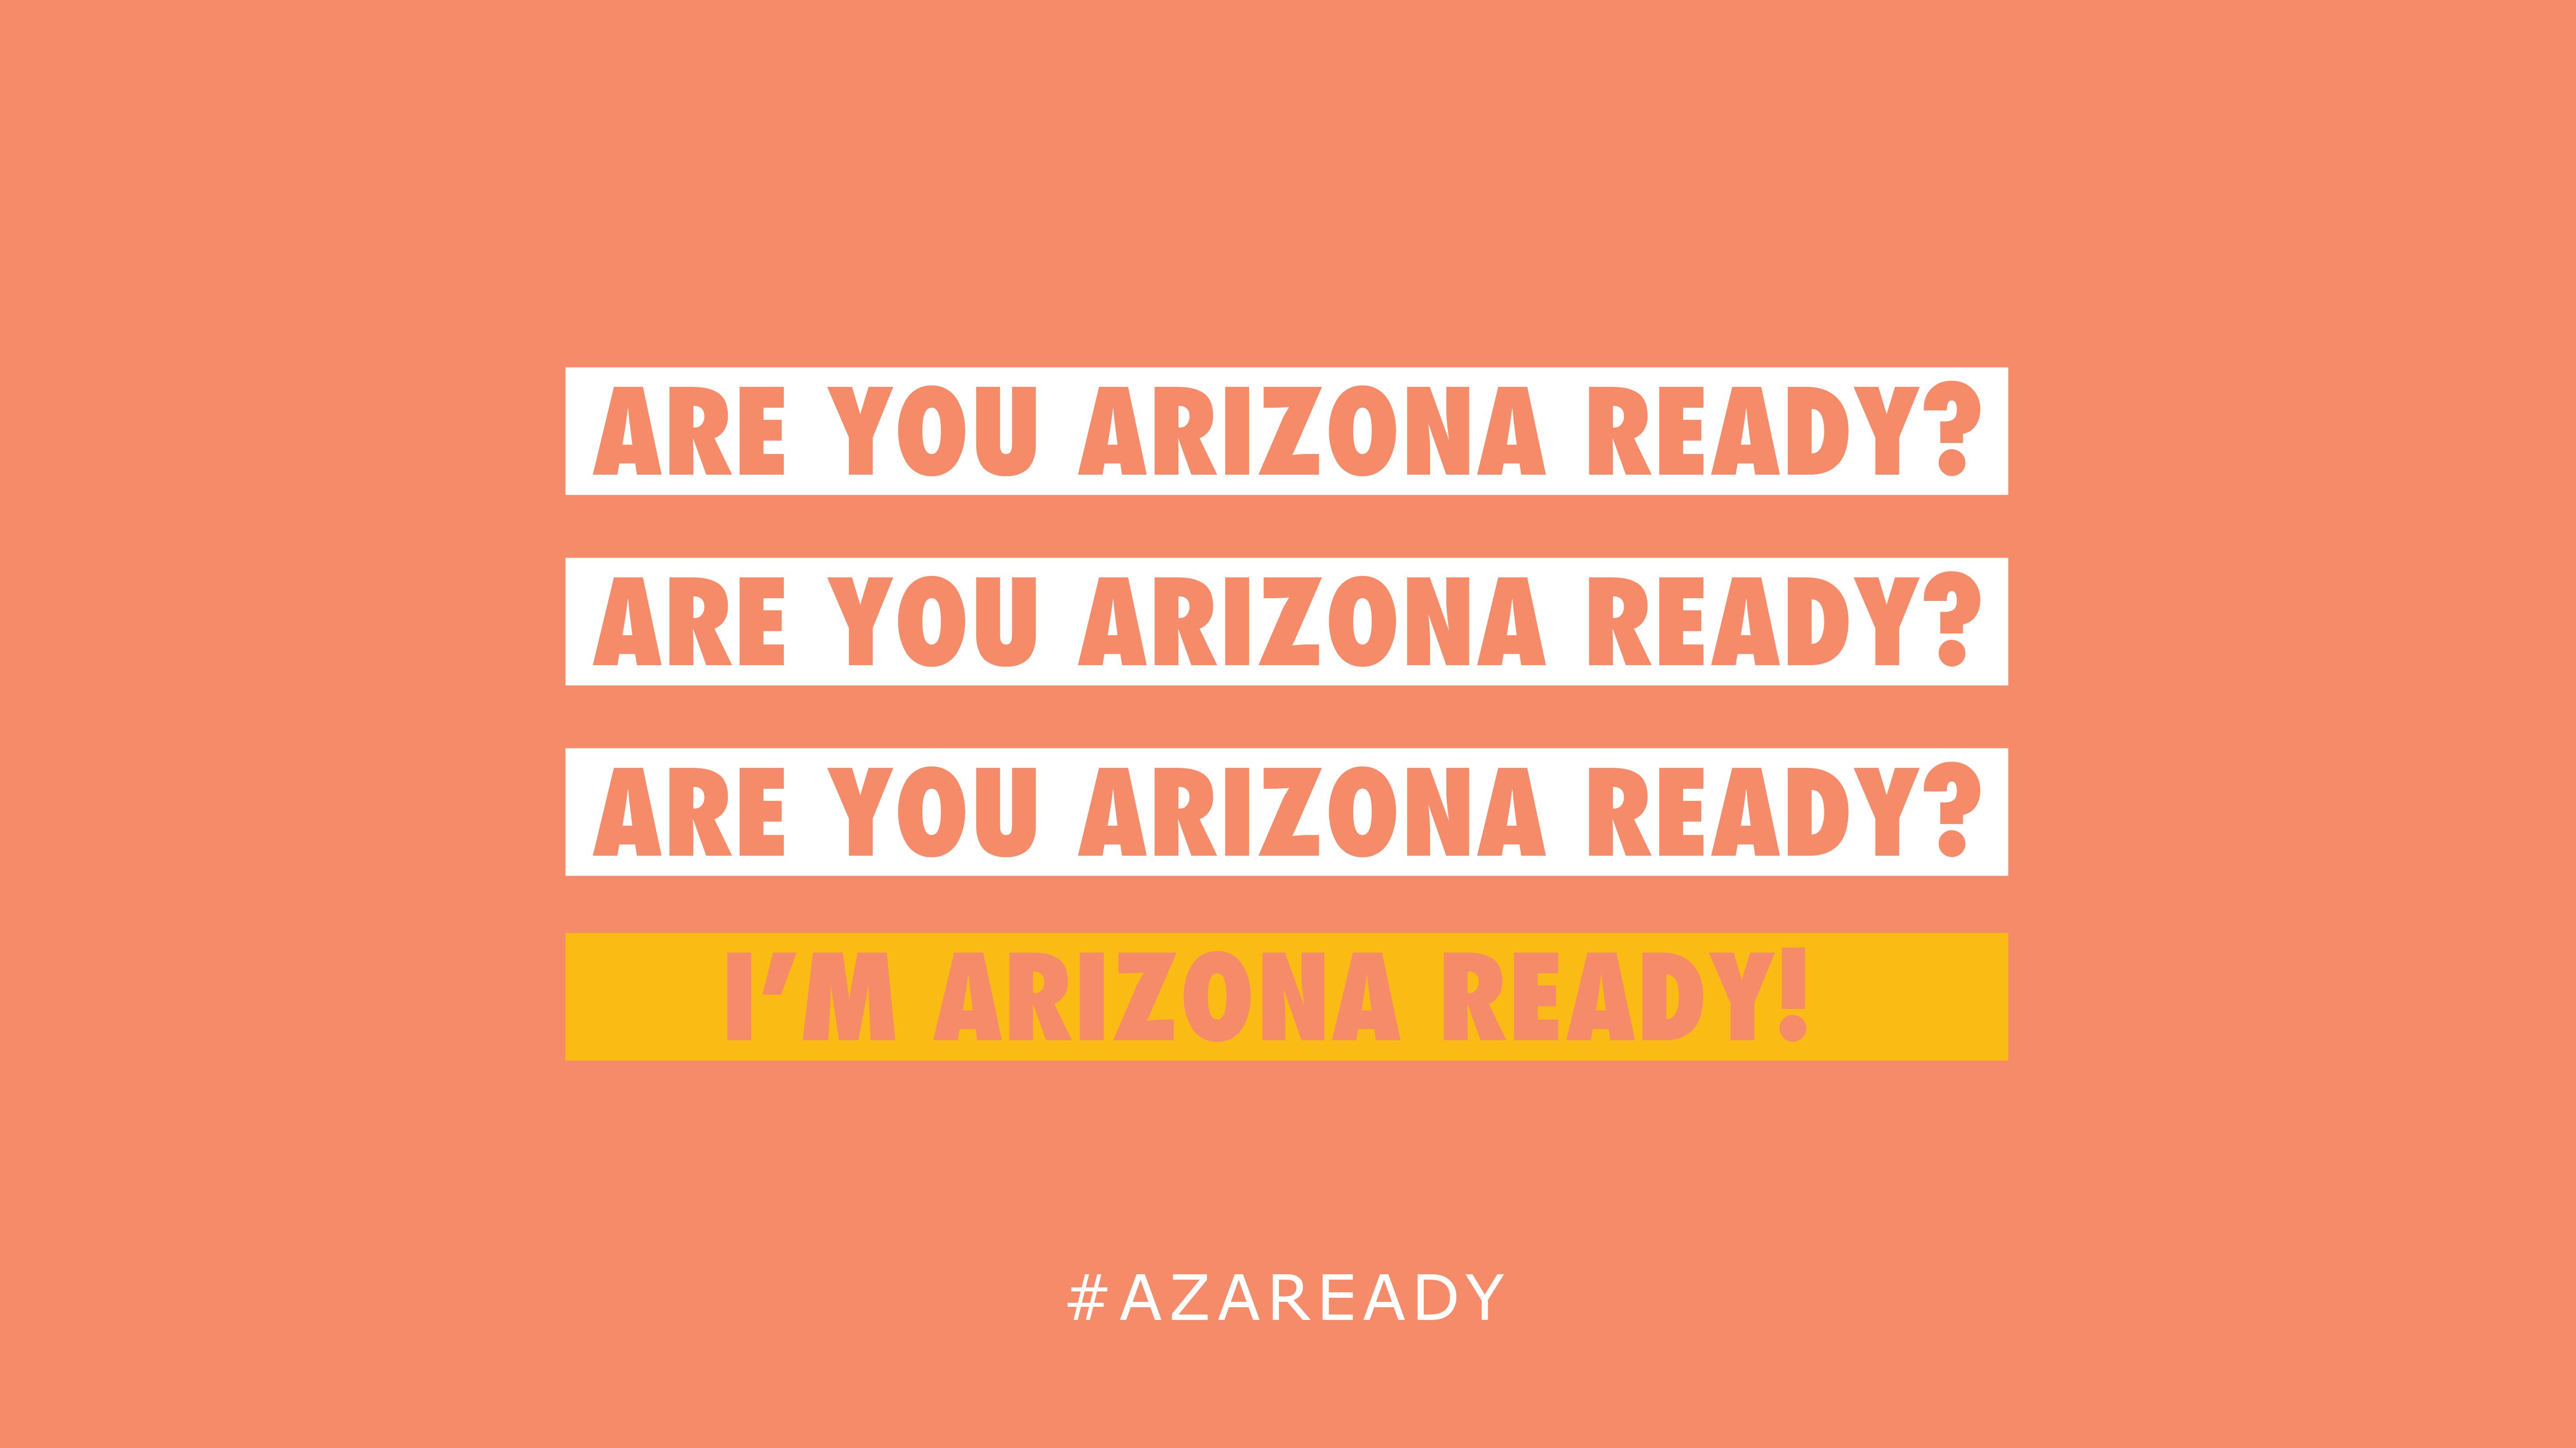 Az_ready-01